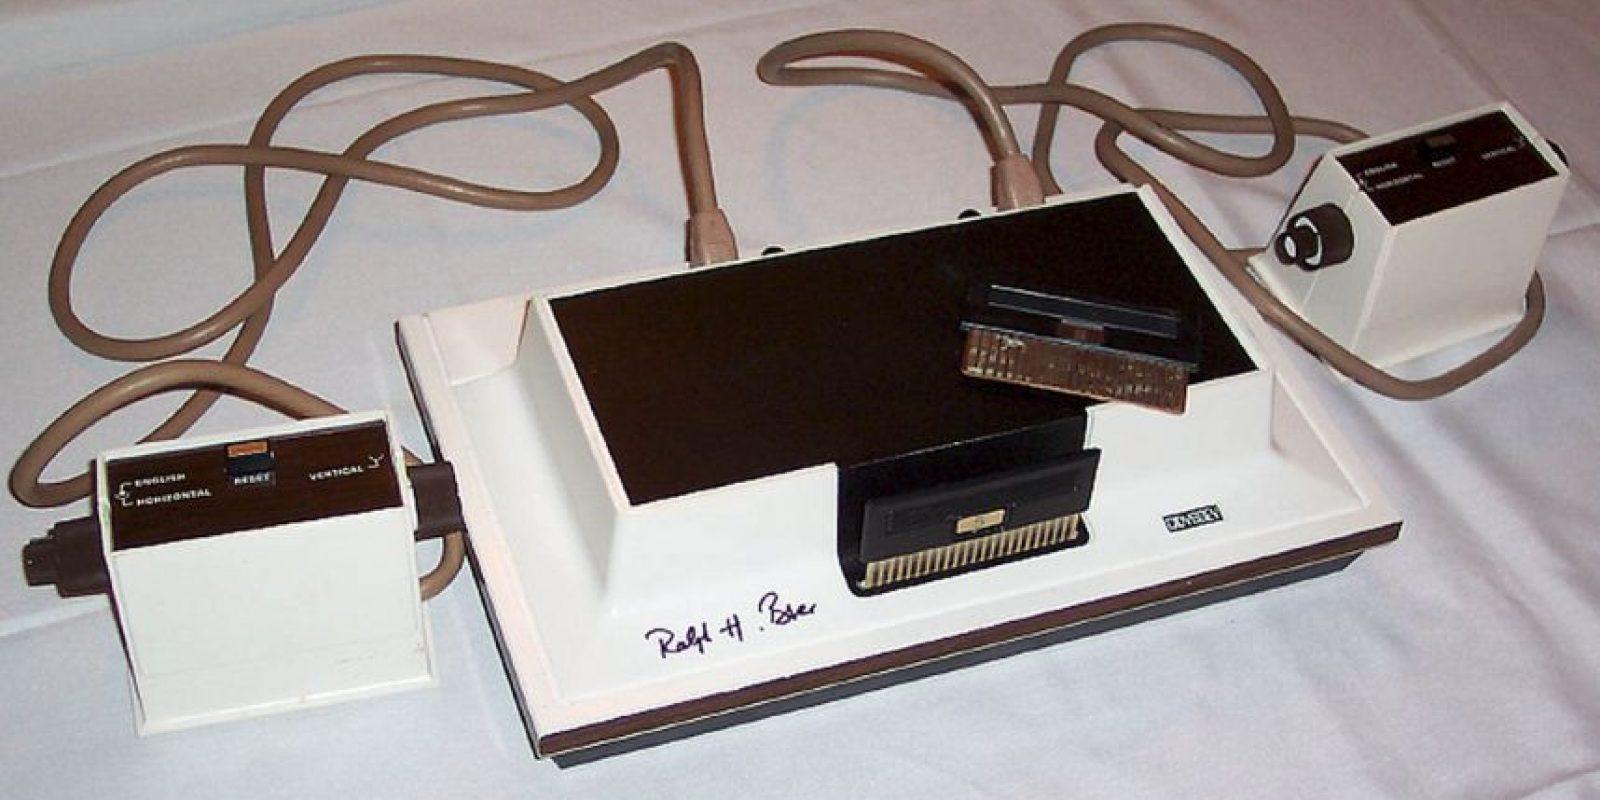 """A Baer se le ocurrió la idea de diseñar una """"caja"""" que permitiese a los estadounidenses jugar en sus televisores en 1966, pero fue hasta 1972 cuando lanzaría la primera consola Magnavox Foto:Wikicommons"""